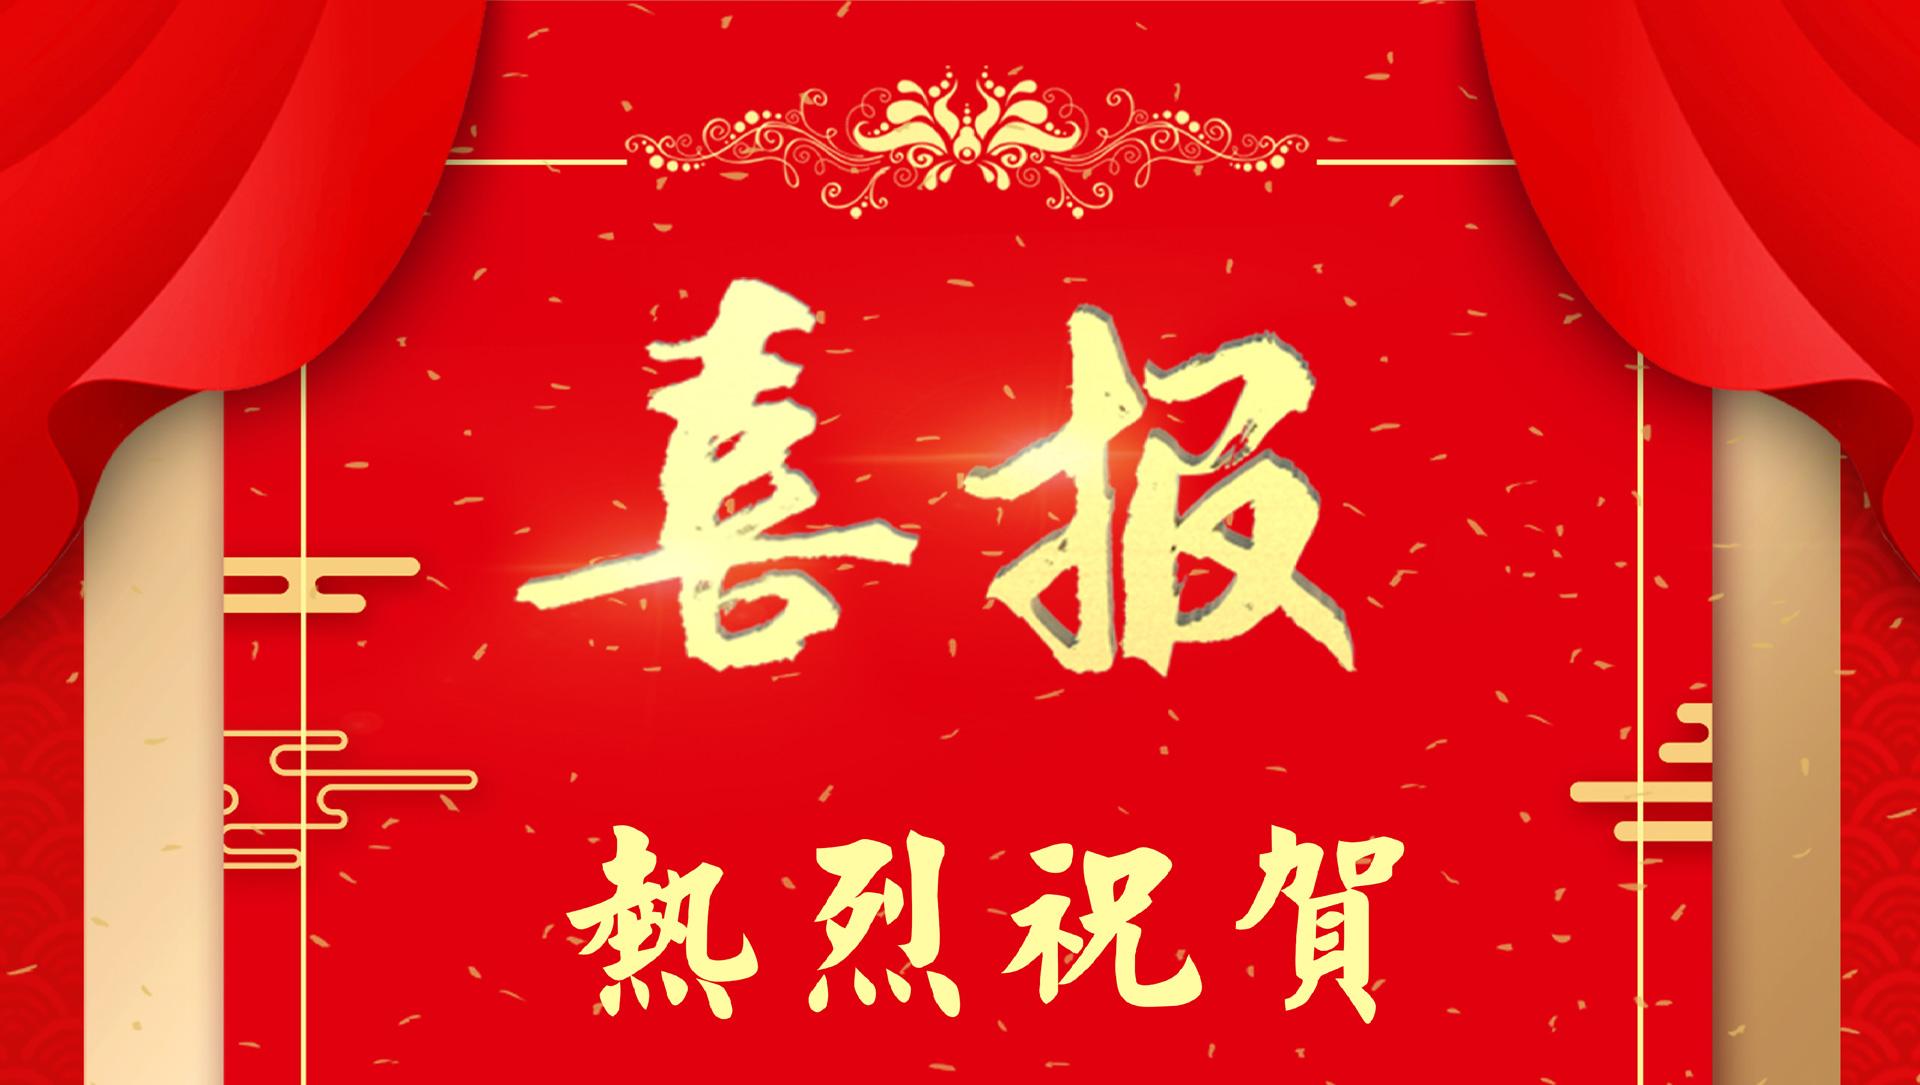 热烈祝贺必威app精装版集团蝉联福建省民营企业100强